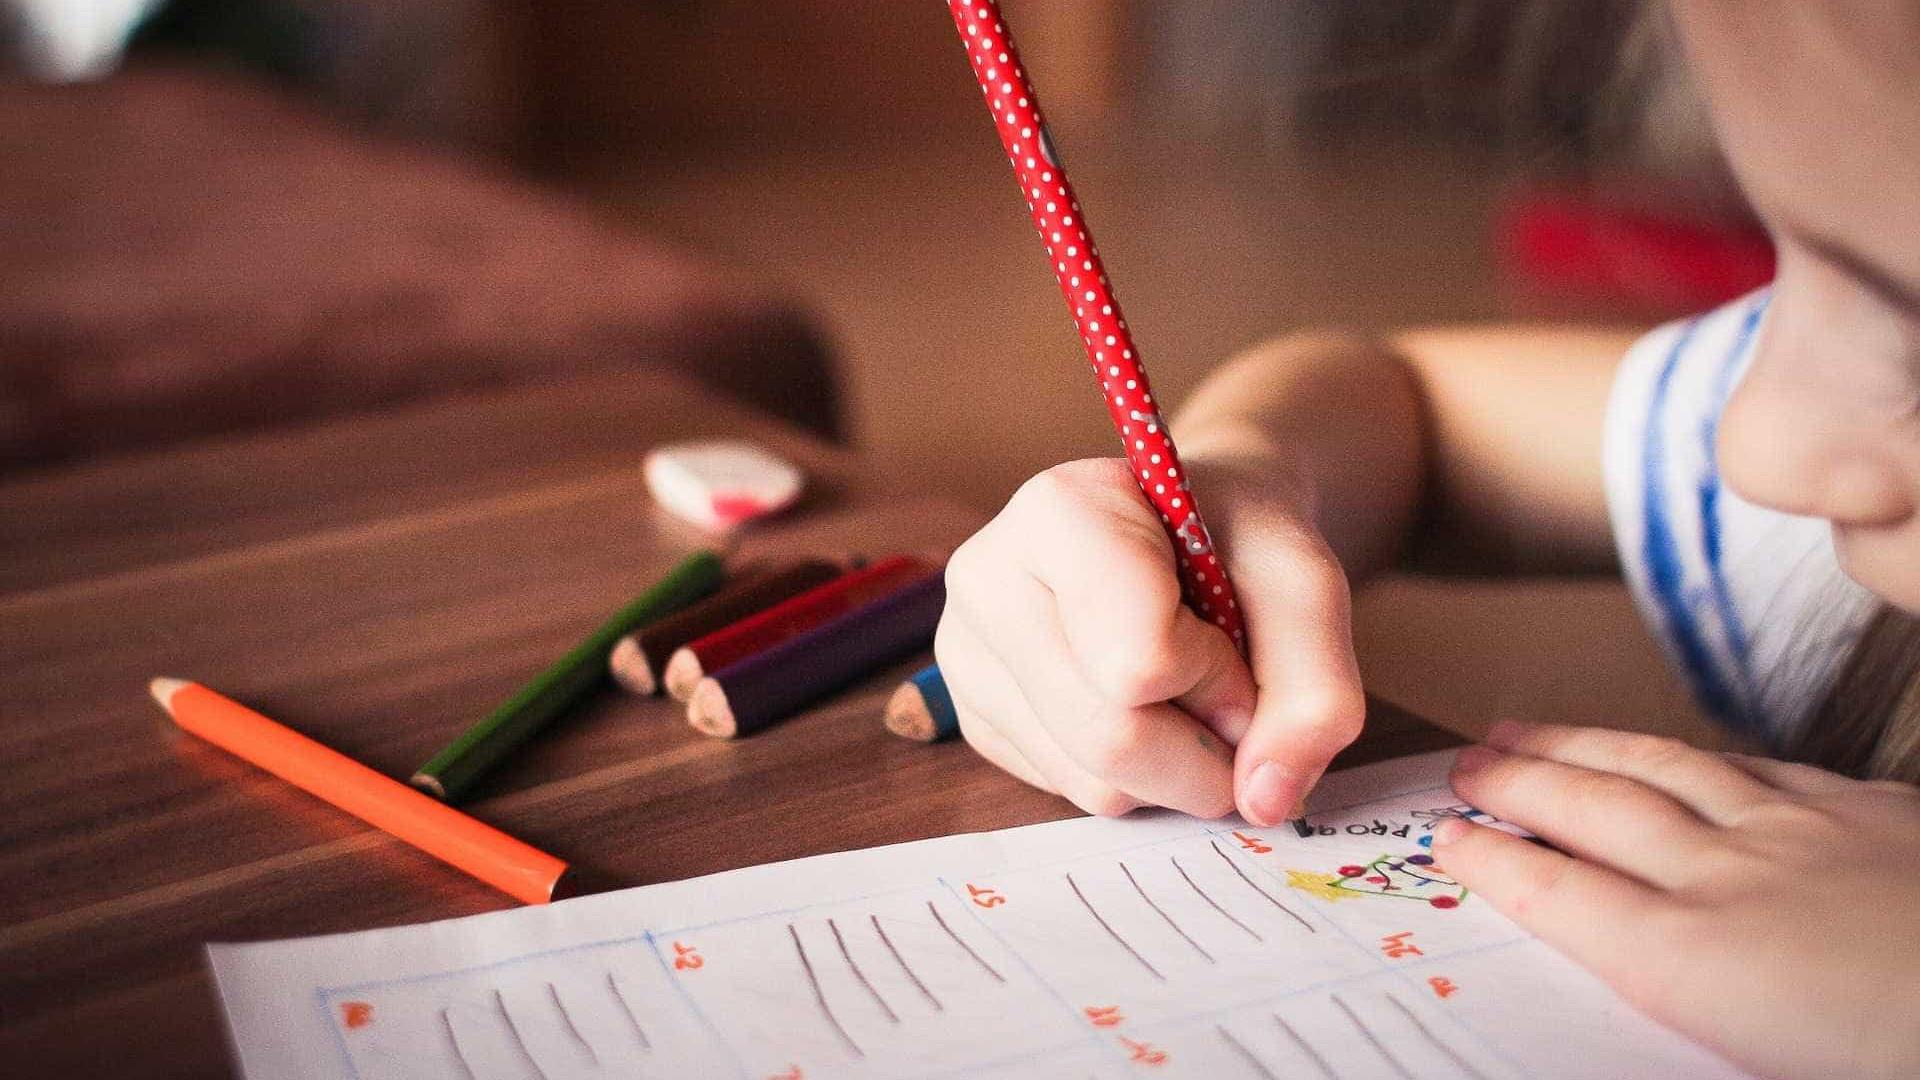 Criança é protagonista do aprendizado em nova base curricular infantil